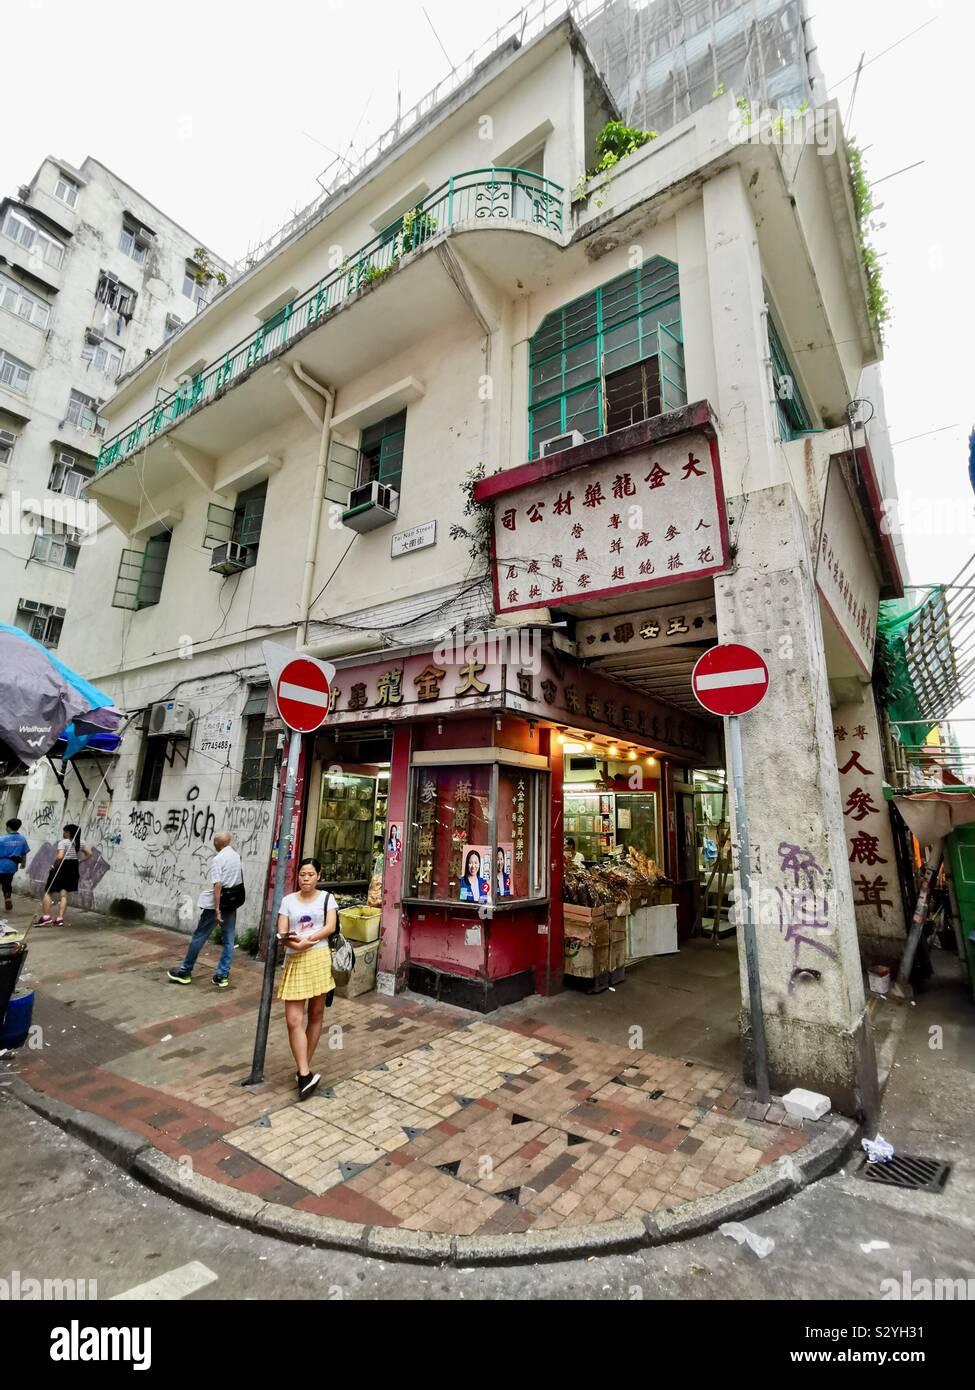 A beautiful old building on Tai Nan street in Sham Shui Po in Hong Kong. Stock Photo